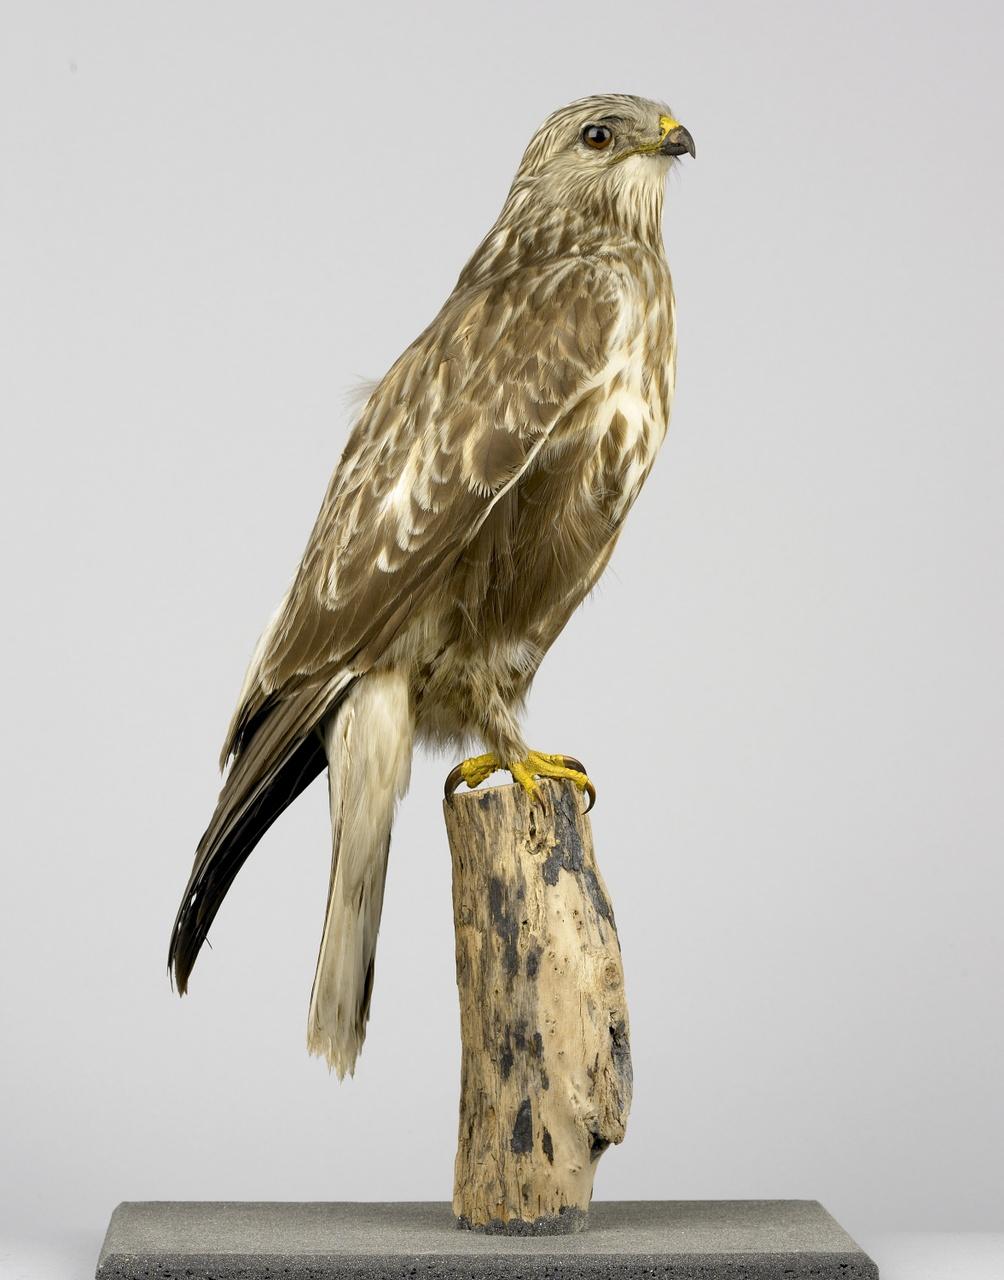 Buteo lagopus (Pontopiddan, 1763), Ruigpootbuizerd, opgezette vogel